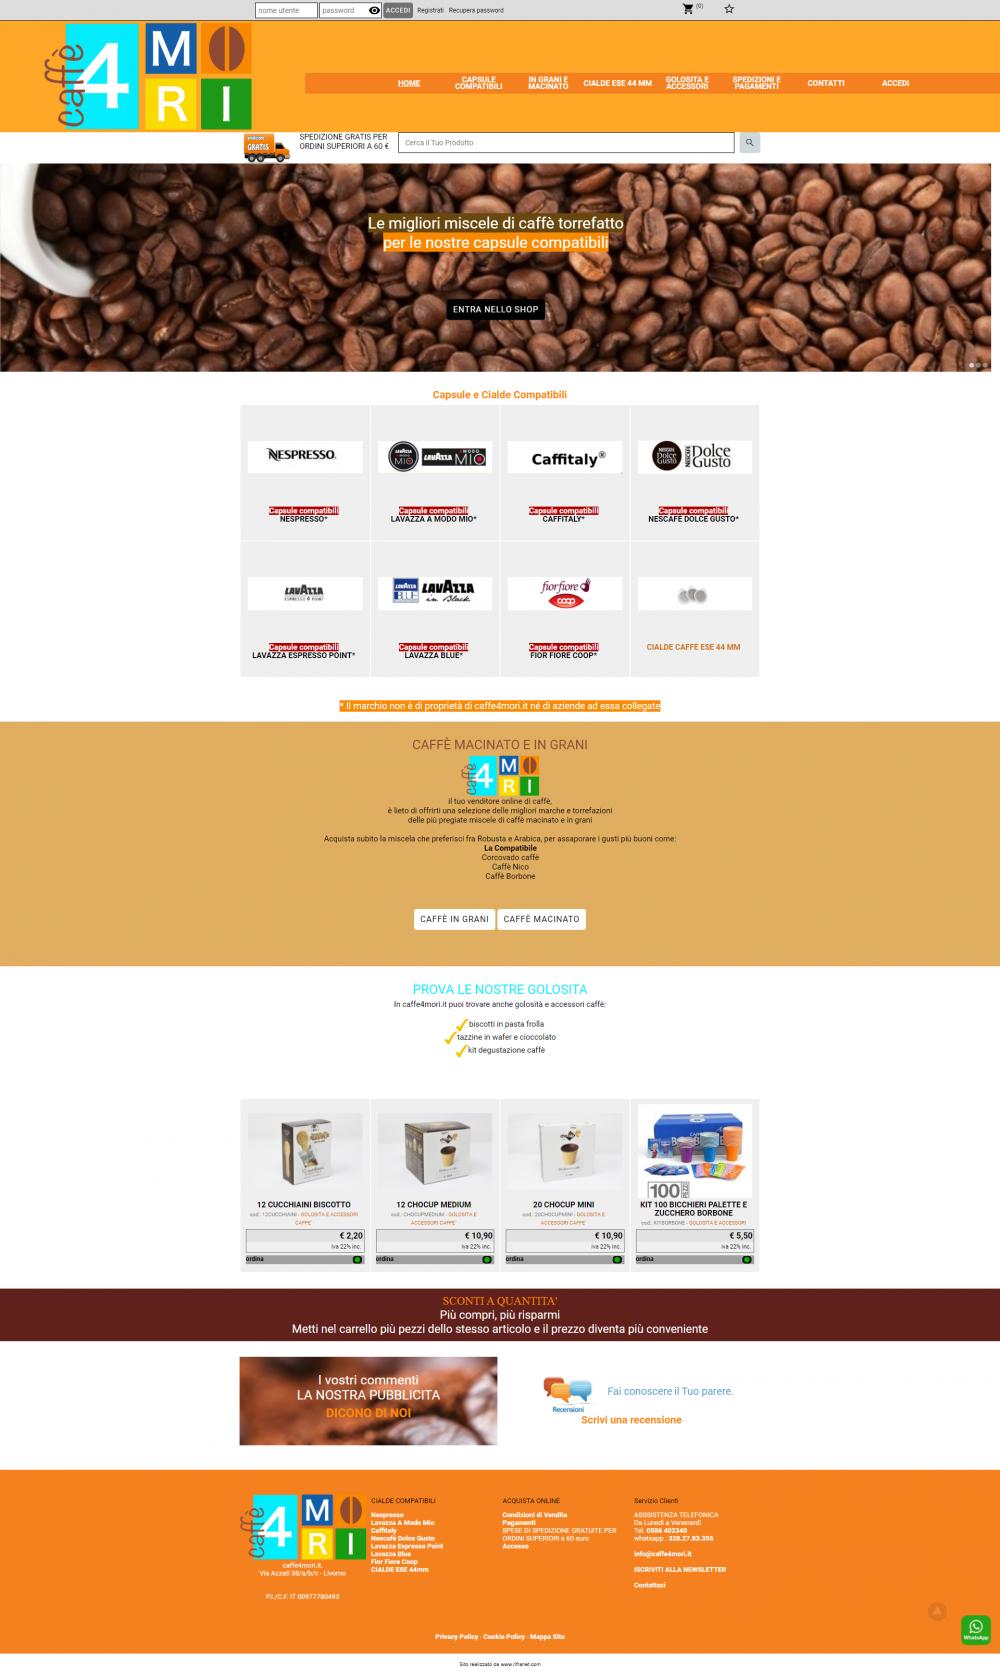 caffè 4 mori sito web